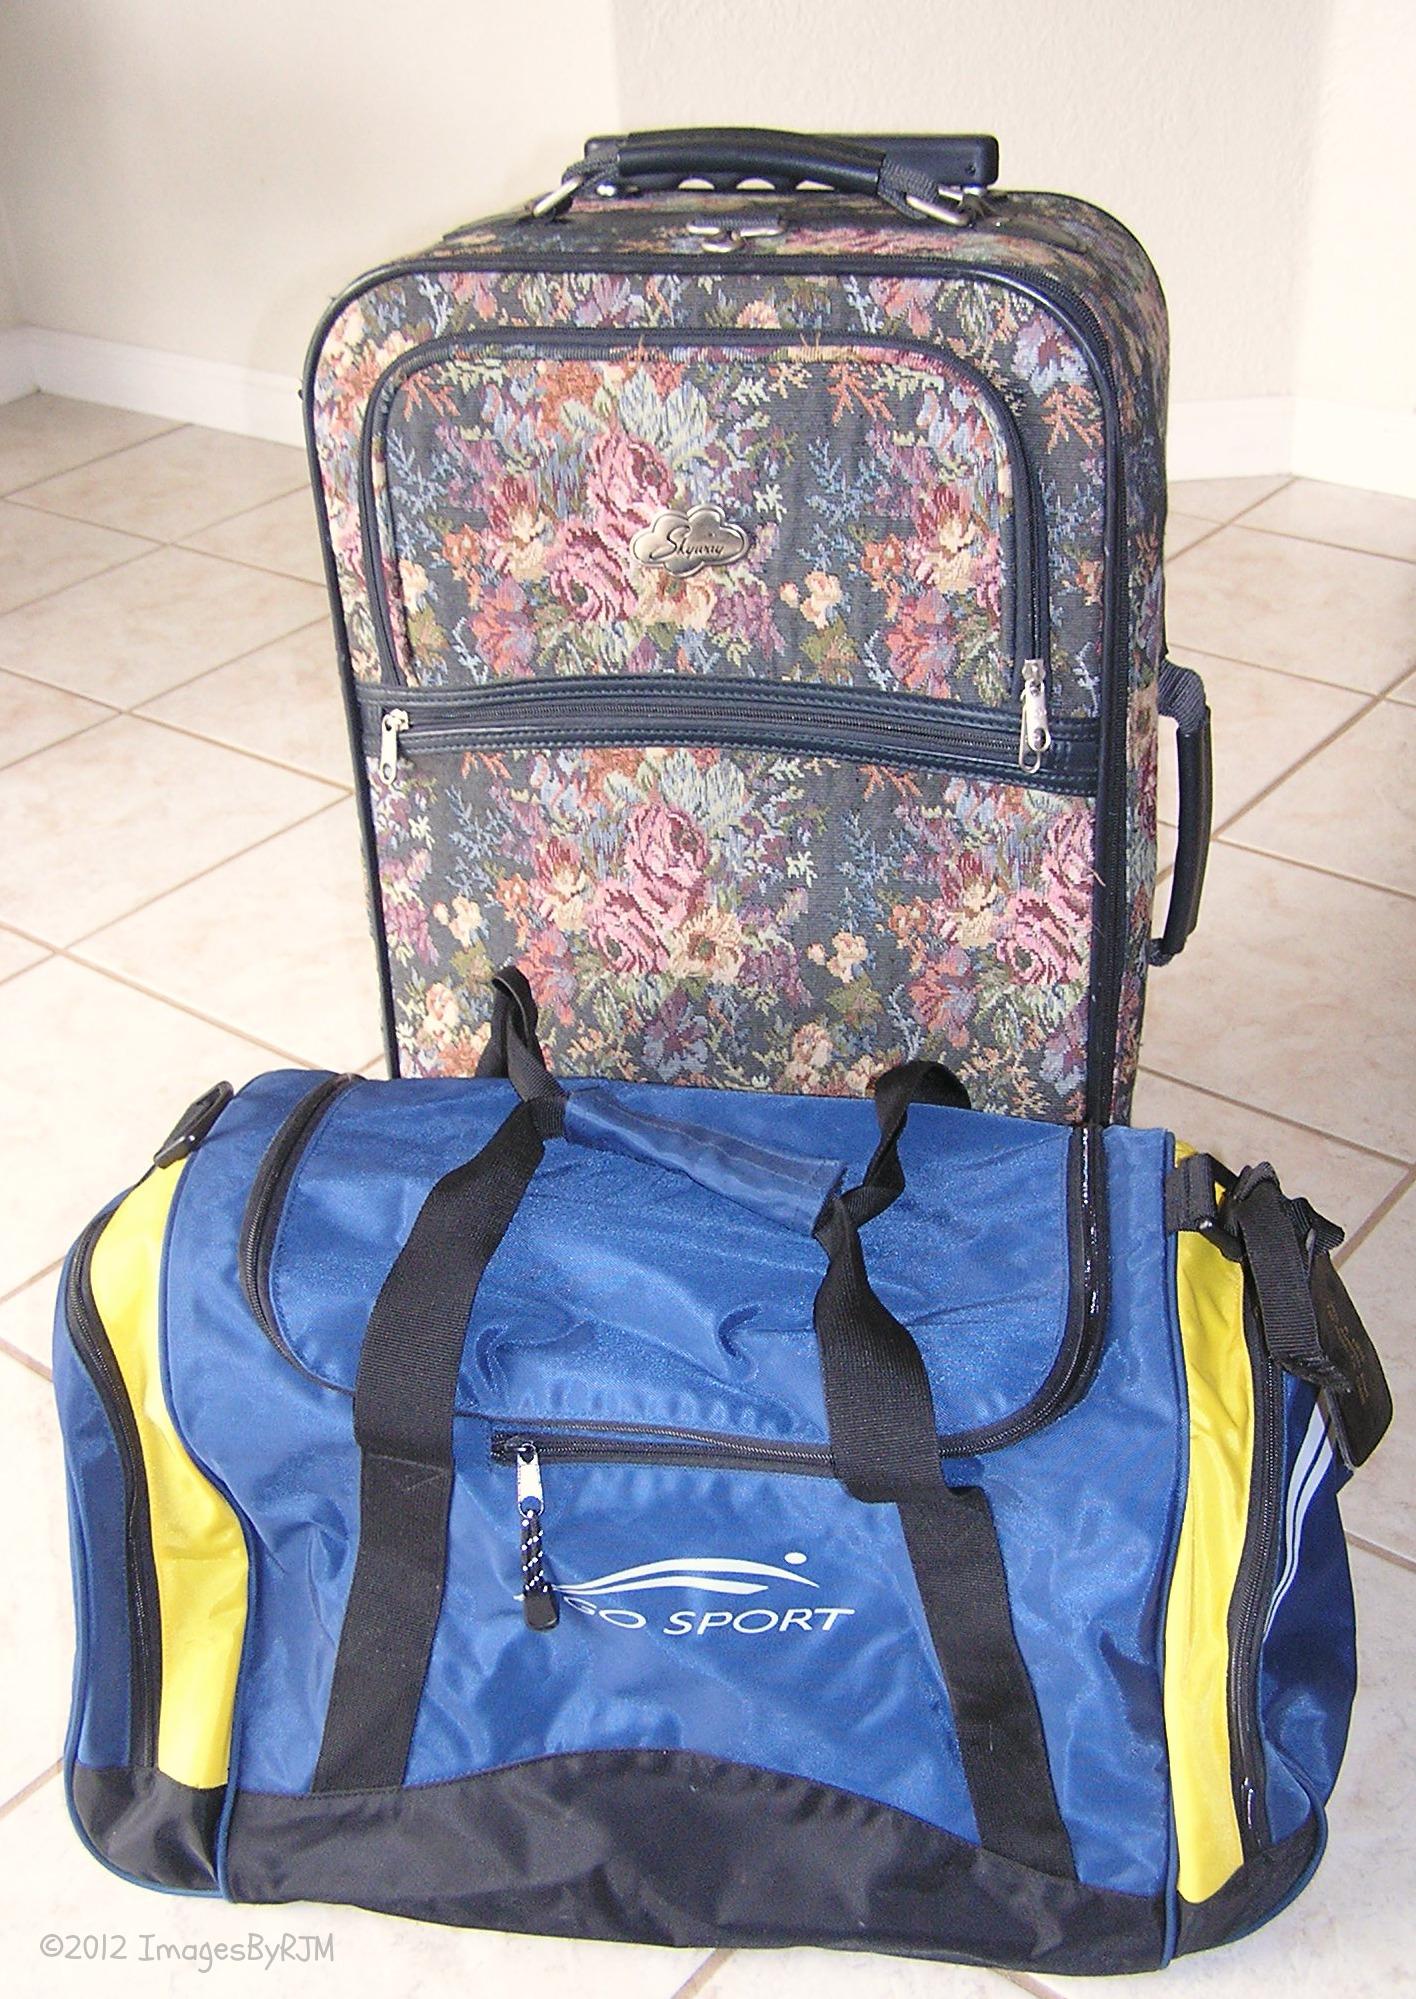 Carry-on luggage: Nylon bag, soft-sided suitcase